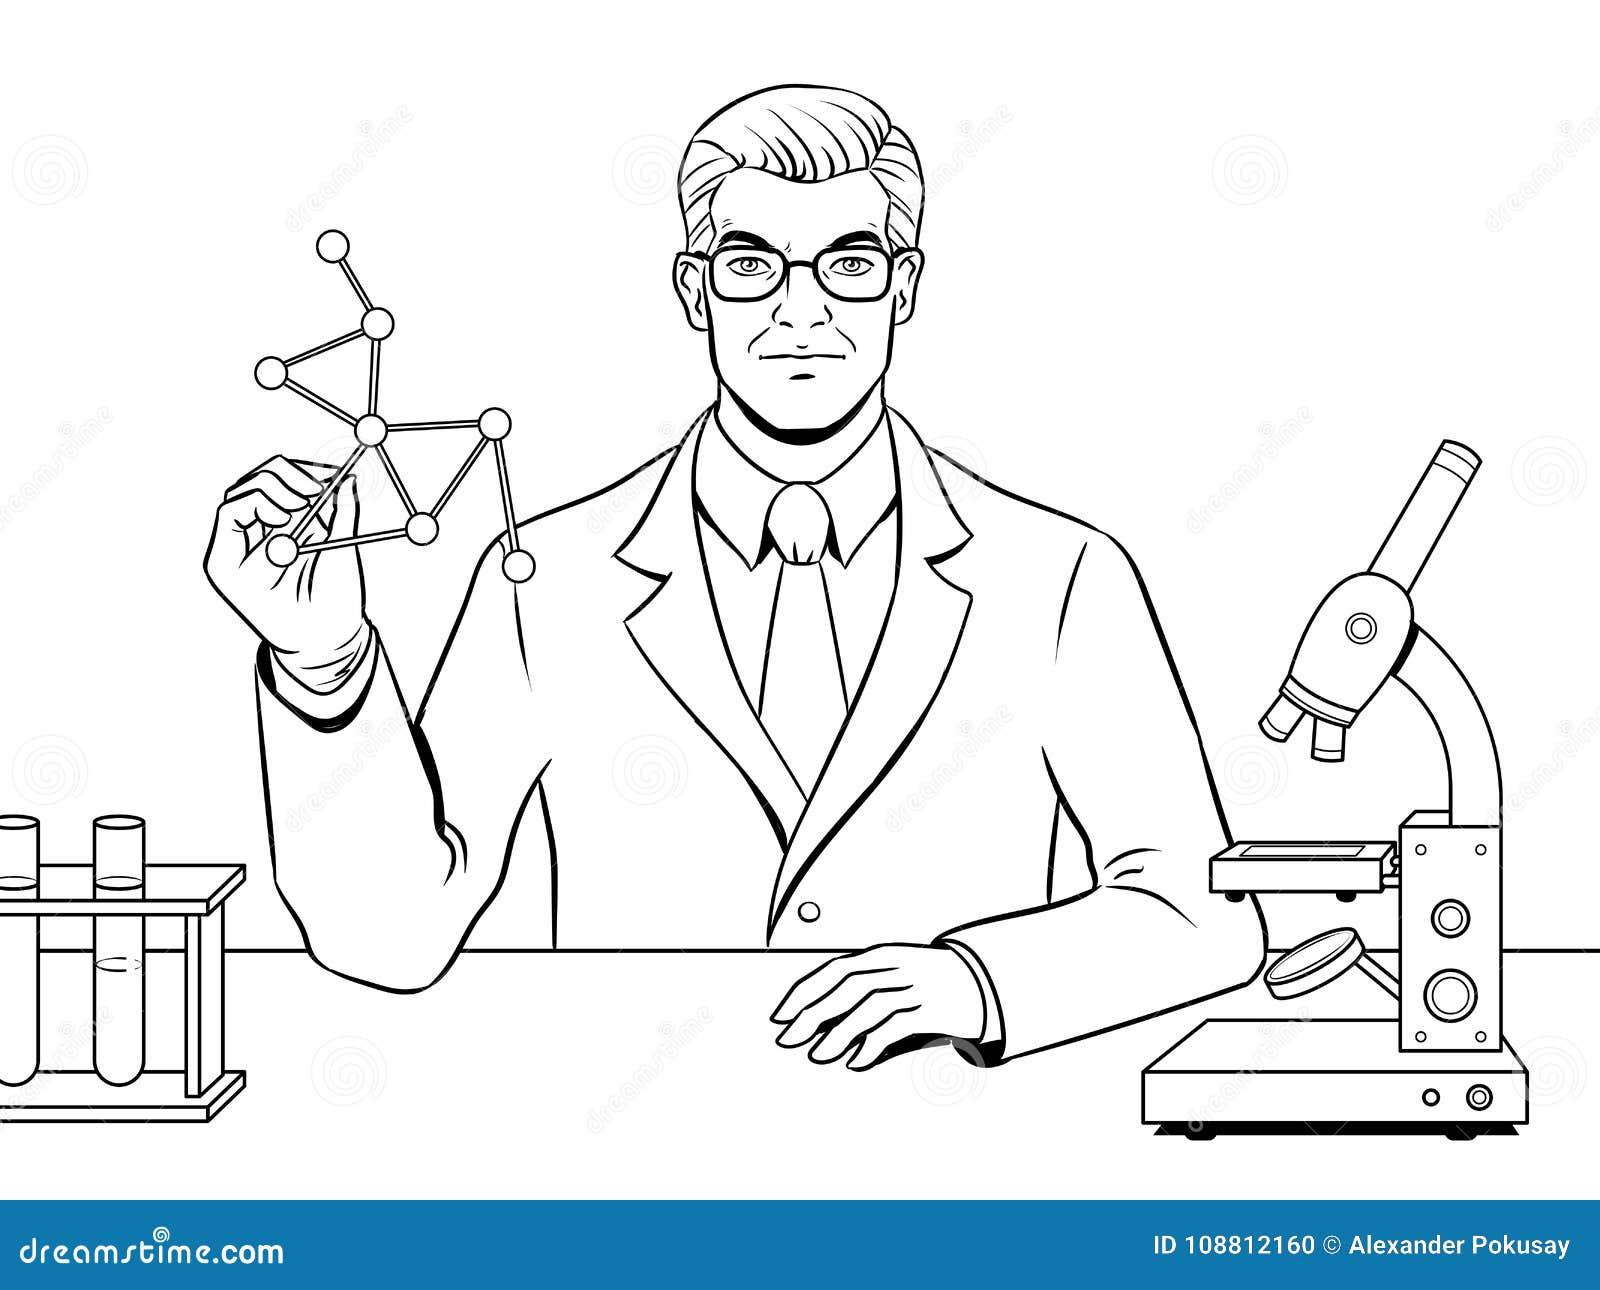 Vetor Medico Do Livro Para Colorir Do Cientista Do Quimico